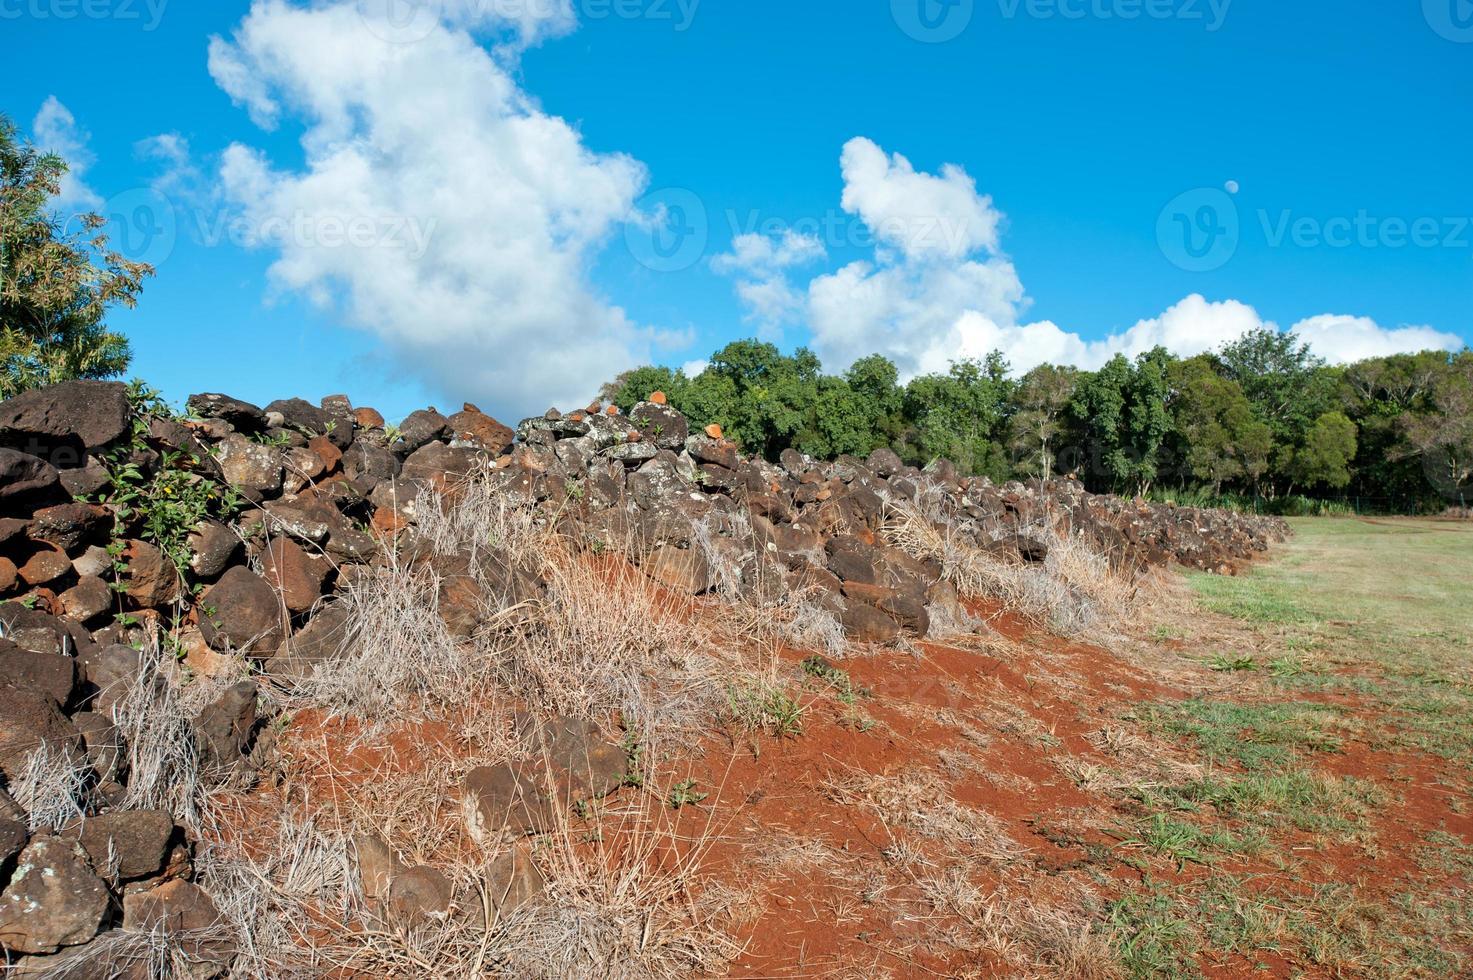 pu'u o mahuka heiau, sitio sagrado en oahu, hawaii foto